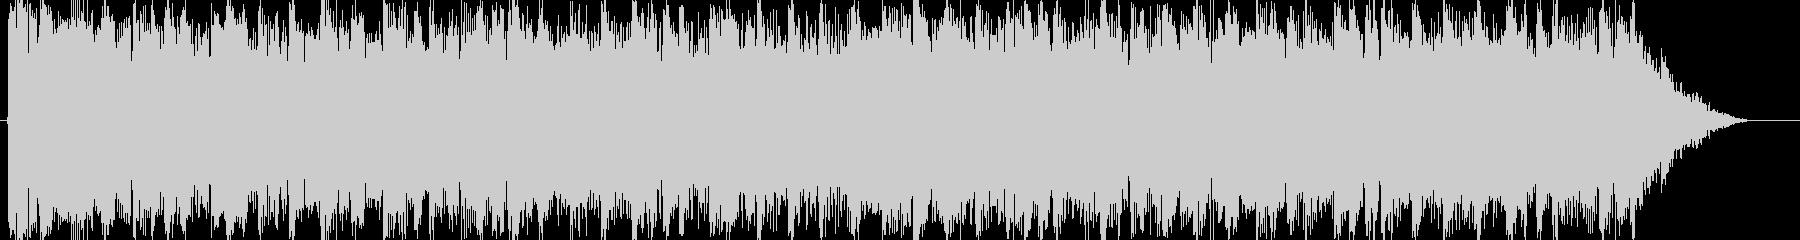 15秒用 ロック系 BGMの未再生の波形